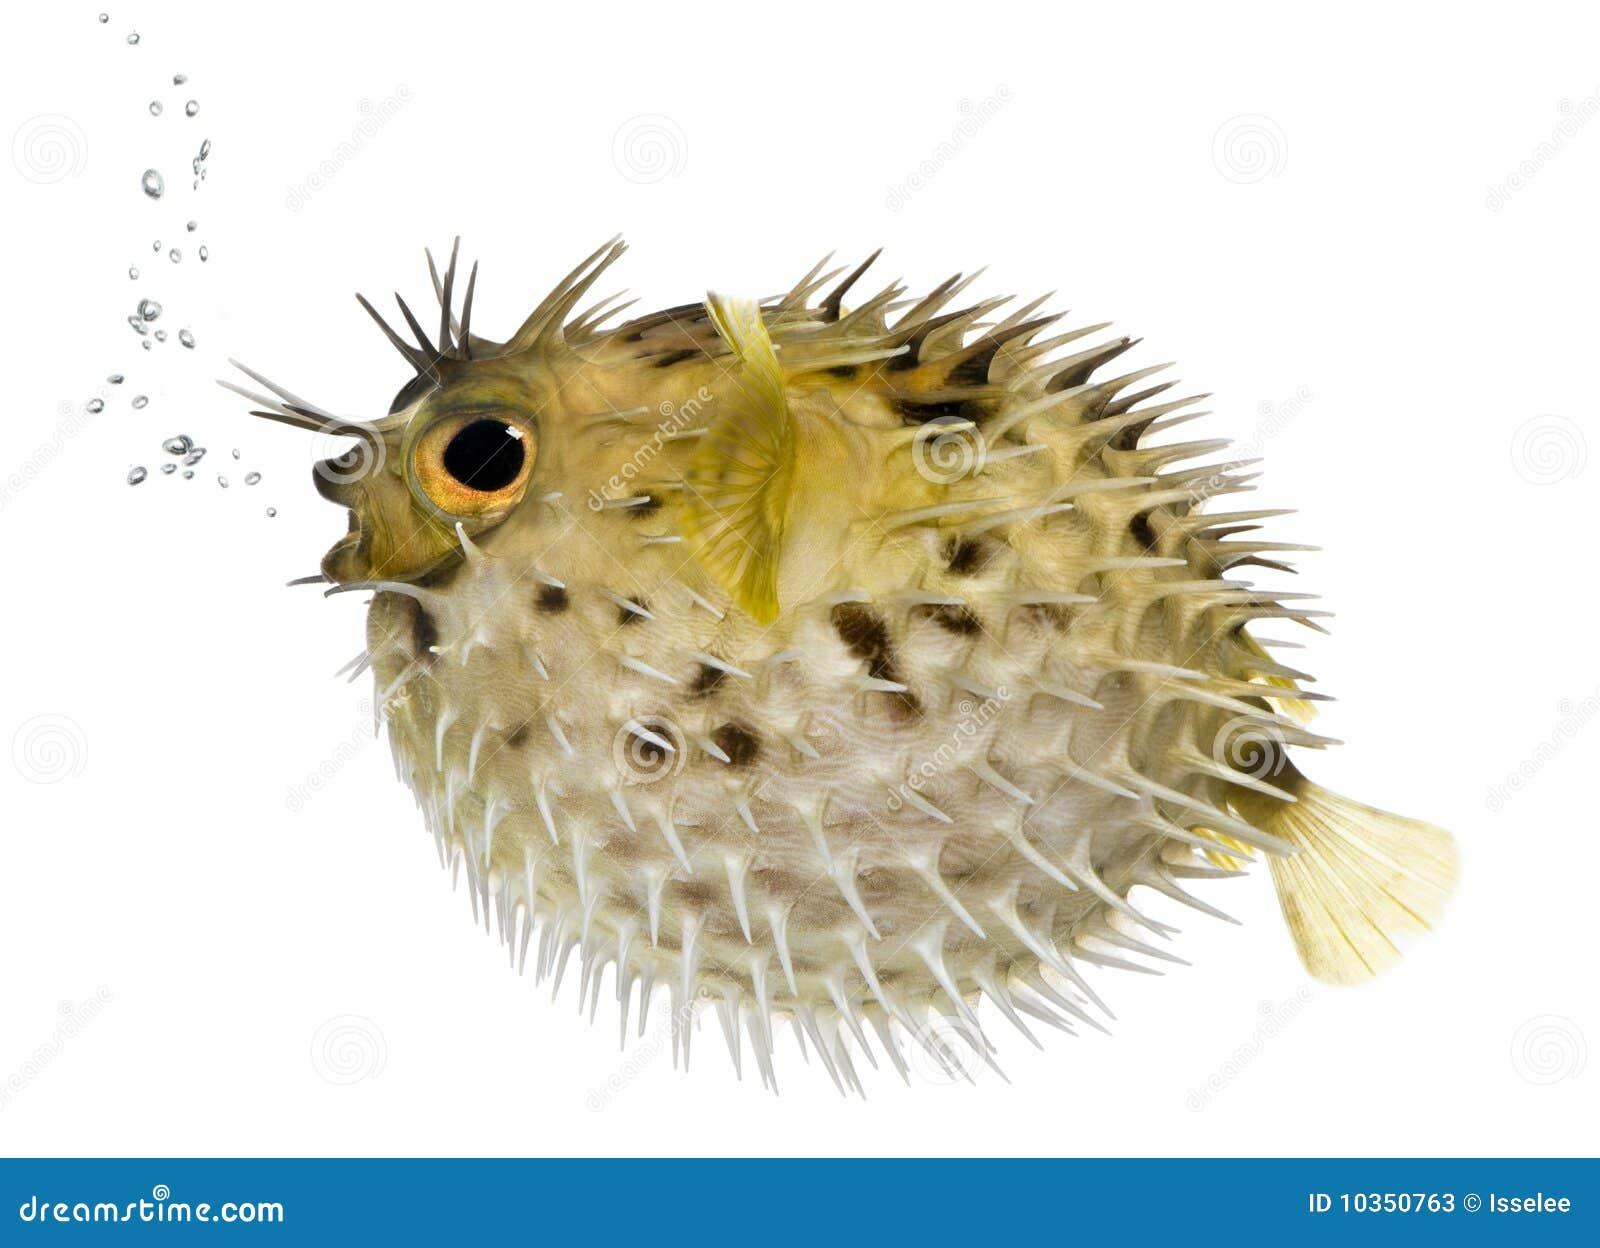 Porcupinefish da Longo-espinha